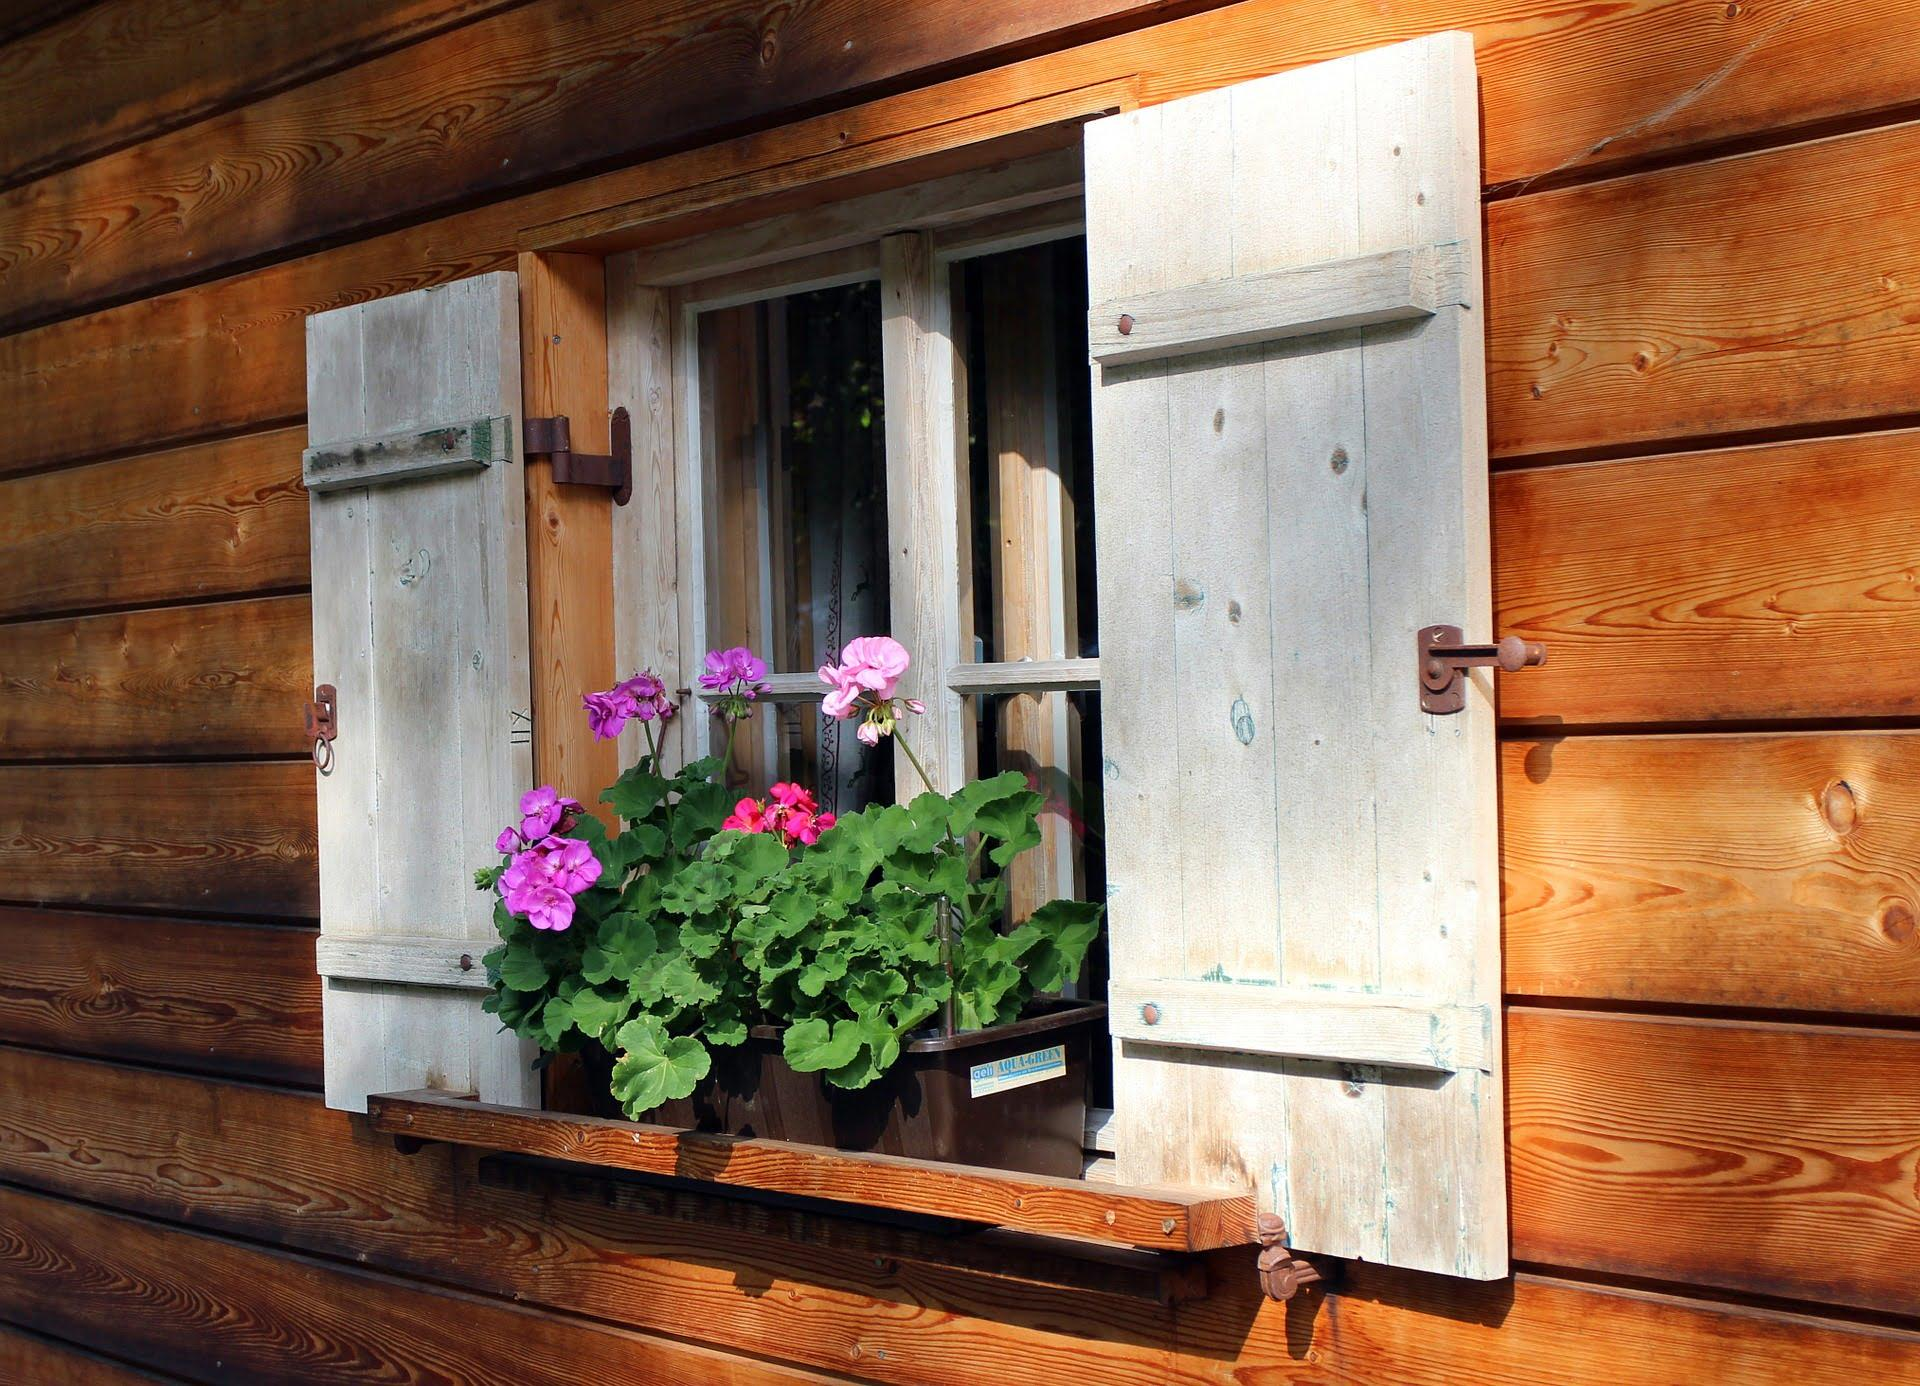 MLINAR d.o.o., balkonske ograje, vrtne ute, pergole in brunarice, nadstreški za avte iz lesa, sedežne garniture in klopi, predelava lesa, lesene ograje107